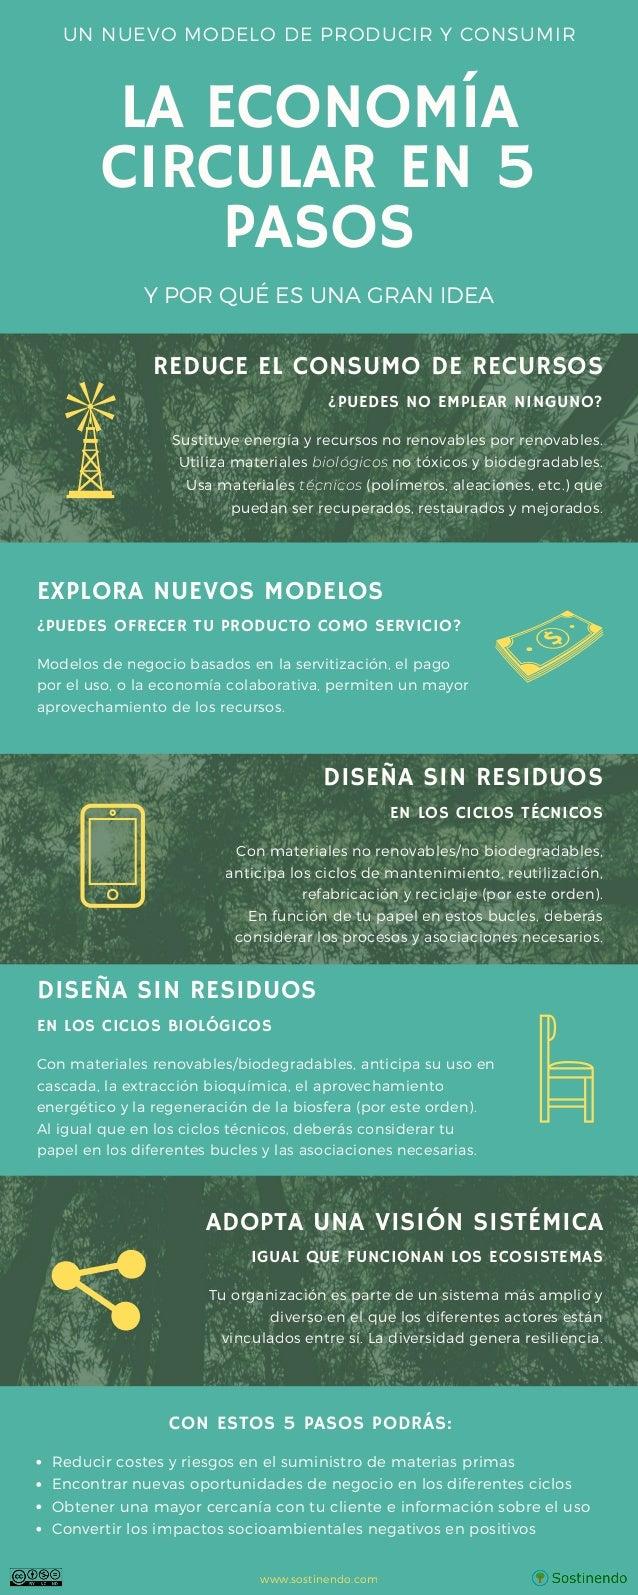 LA ECONOM�A CIRCULAR EN 5 PASOS UN NUEVO MODELO DE PRODUCIR Y CONSUMIR Y POR QU� ES UNA GRAN IDEA REDUCE EL CONSUMO DE REC...